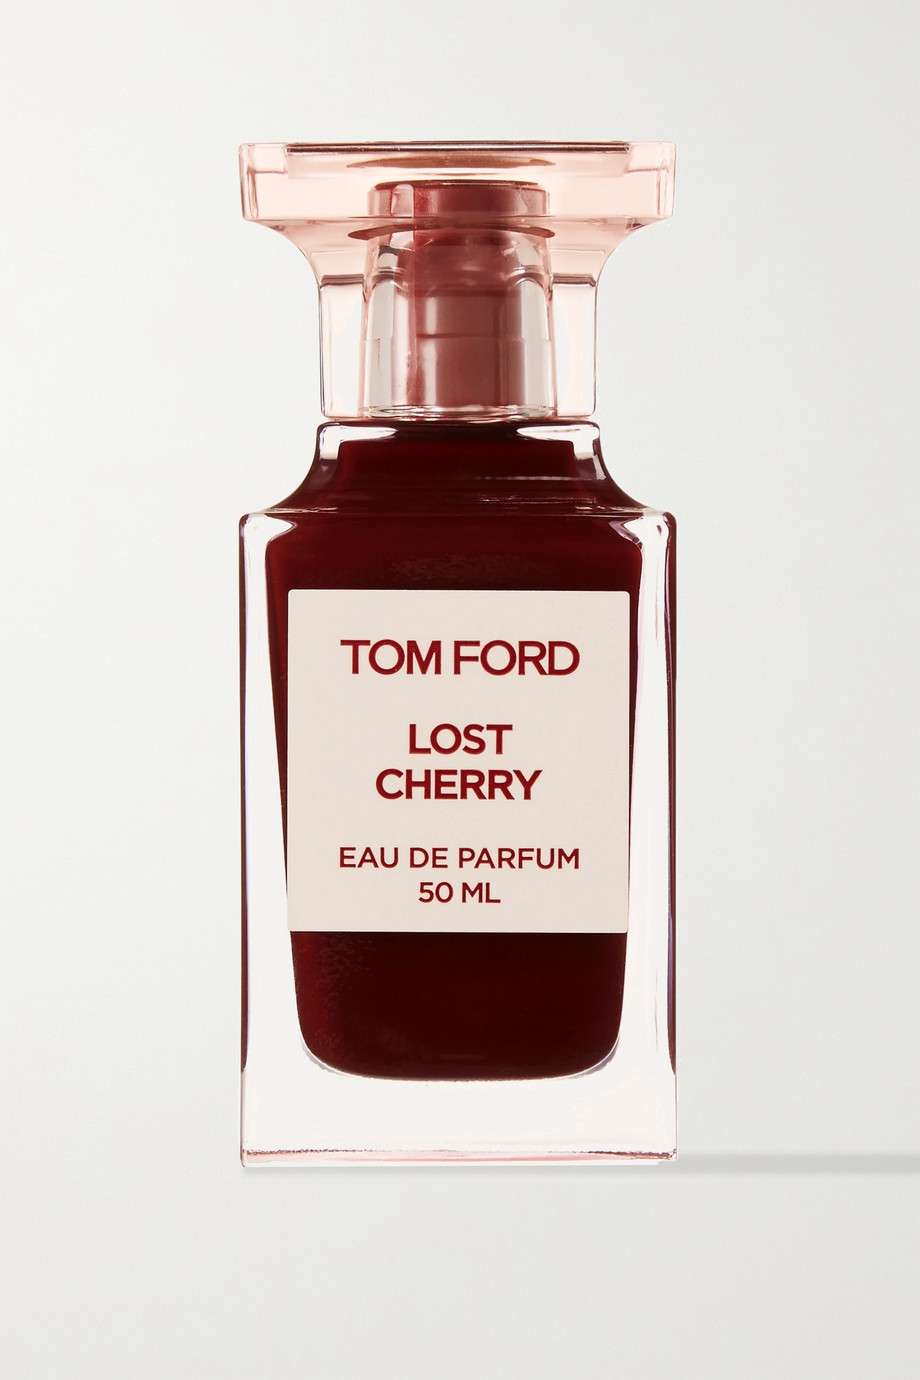 TOM FORD BEAUTY Lost Cherry, 50 ml – Eau de Parfum